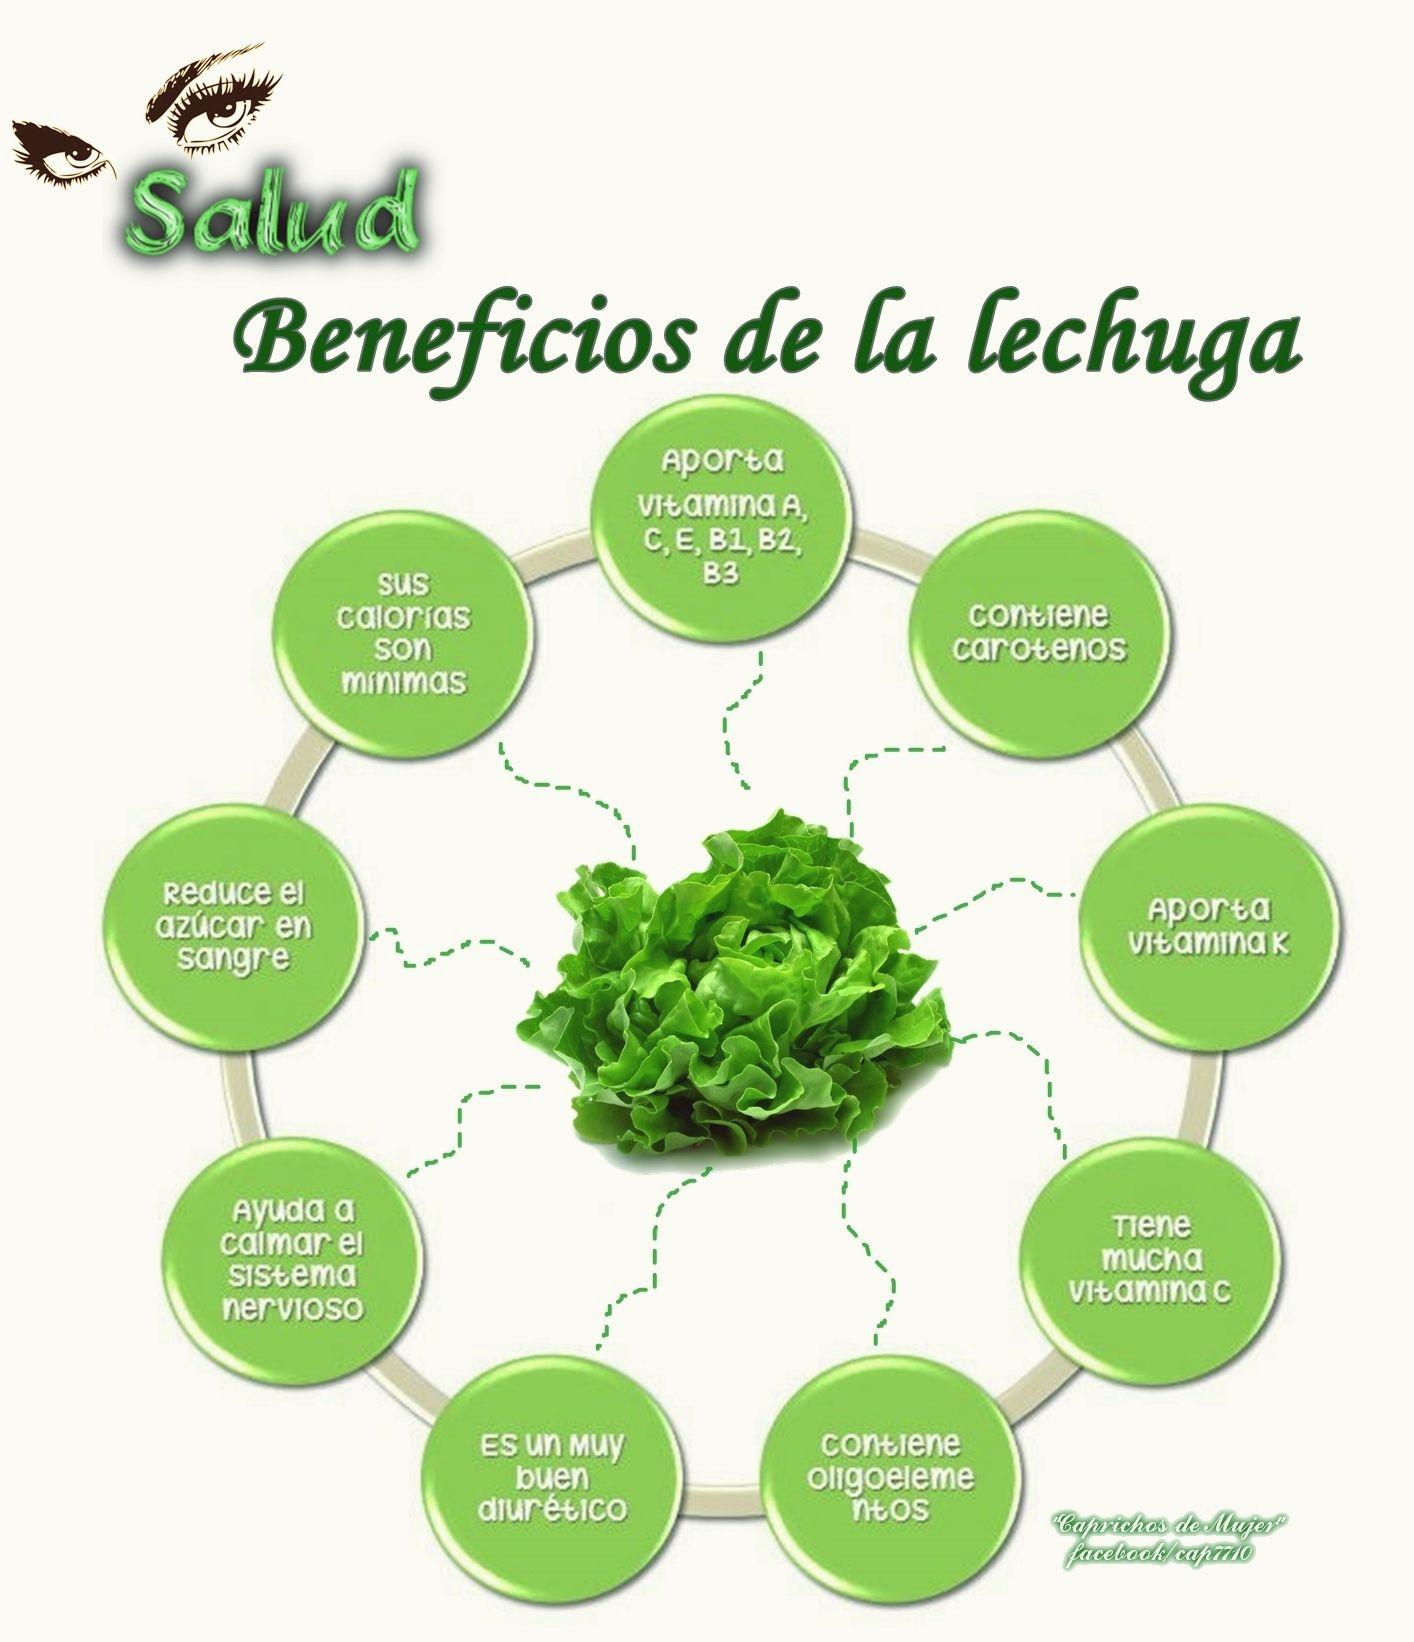 Beneficios De La Lechuga Beneficios De La Lechuga Frutas Y Verduras Beneficios Jugos